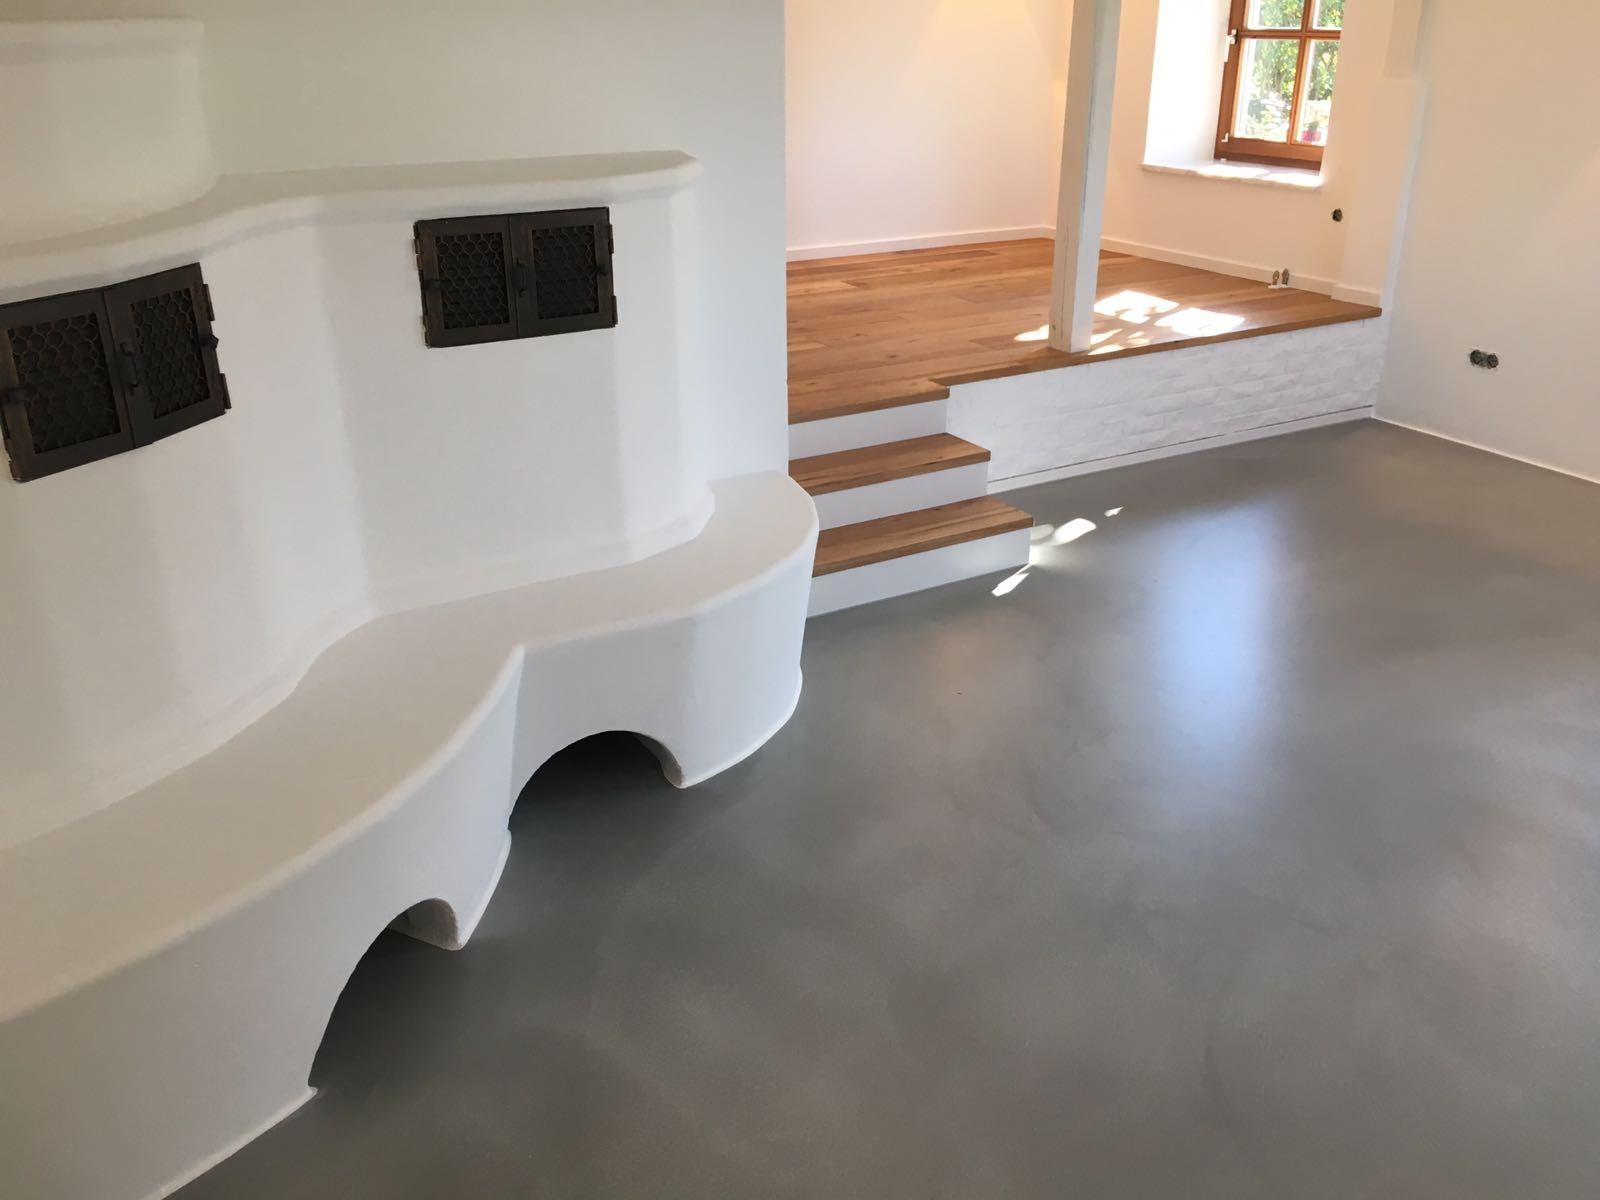 Kuche Weiss Holz Beton Hochglanz Weisse Design Kuche Grifflos Mit